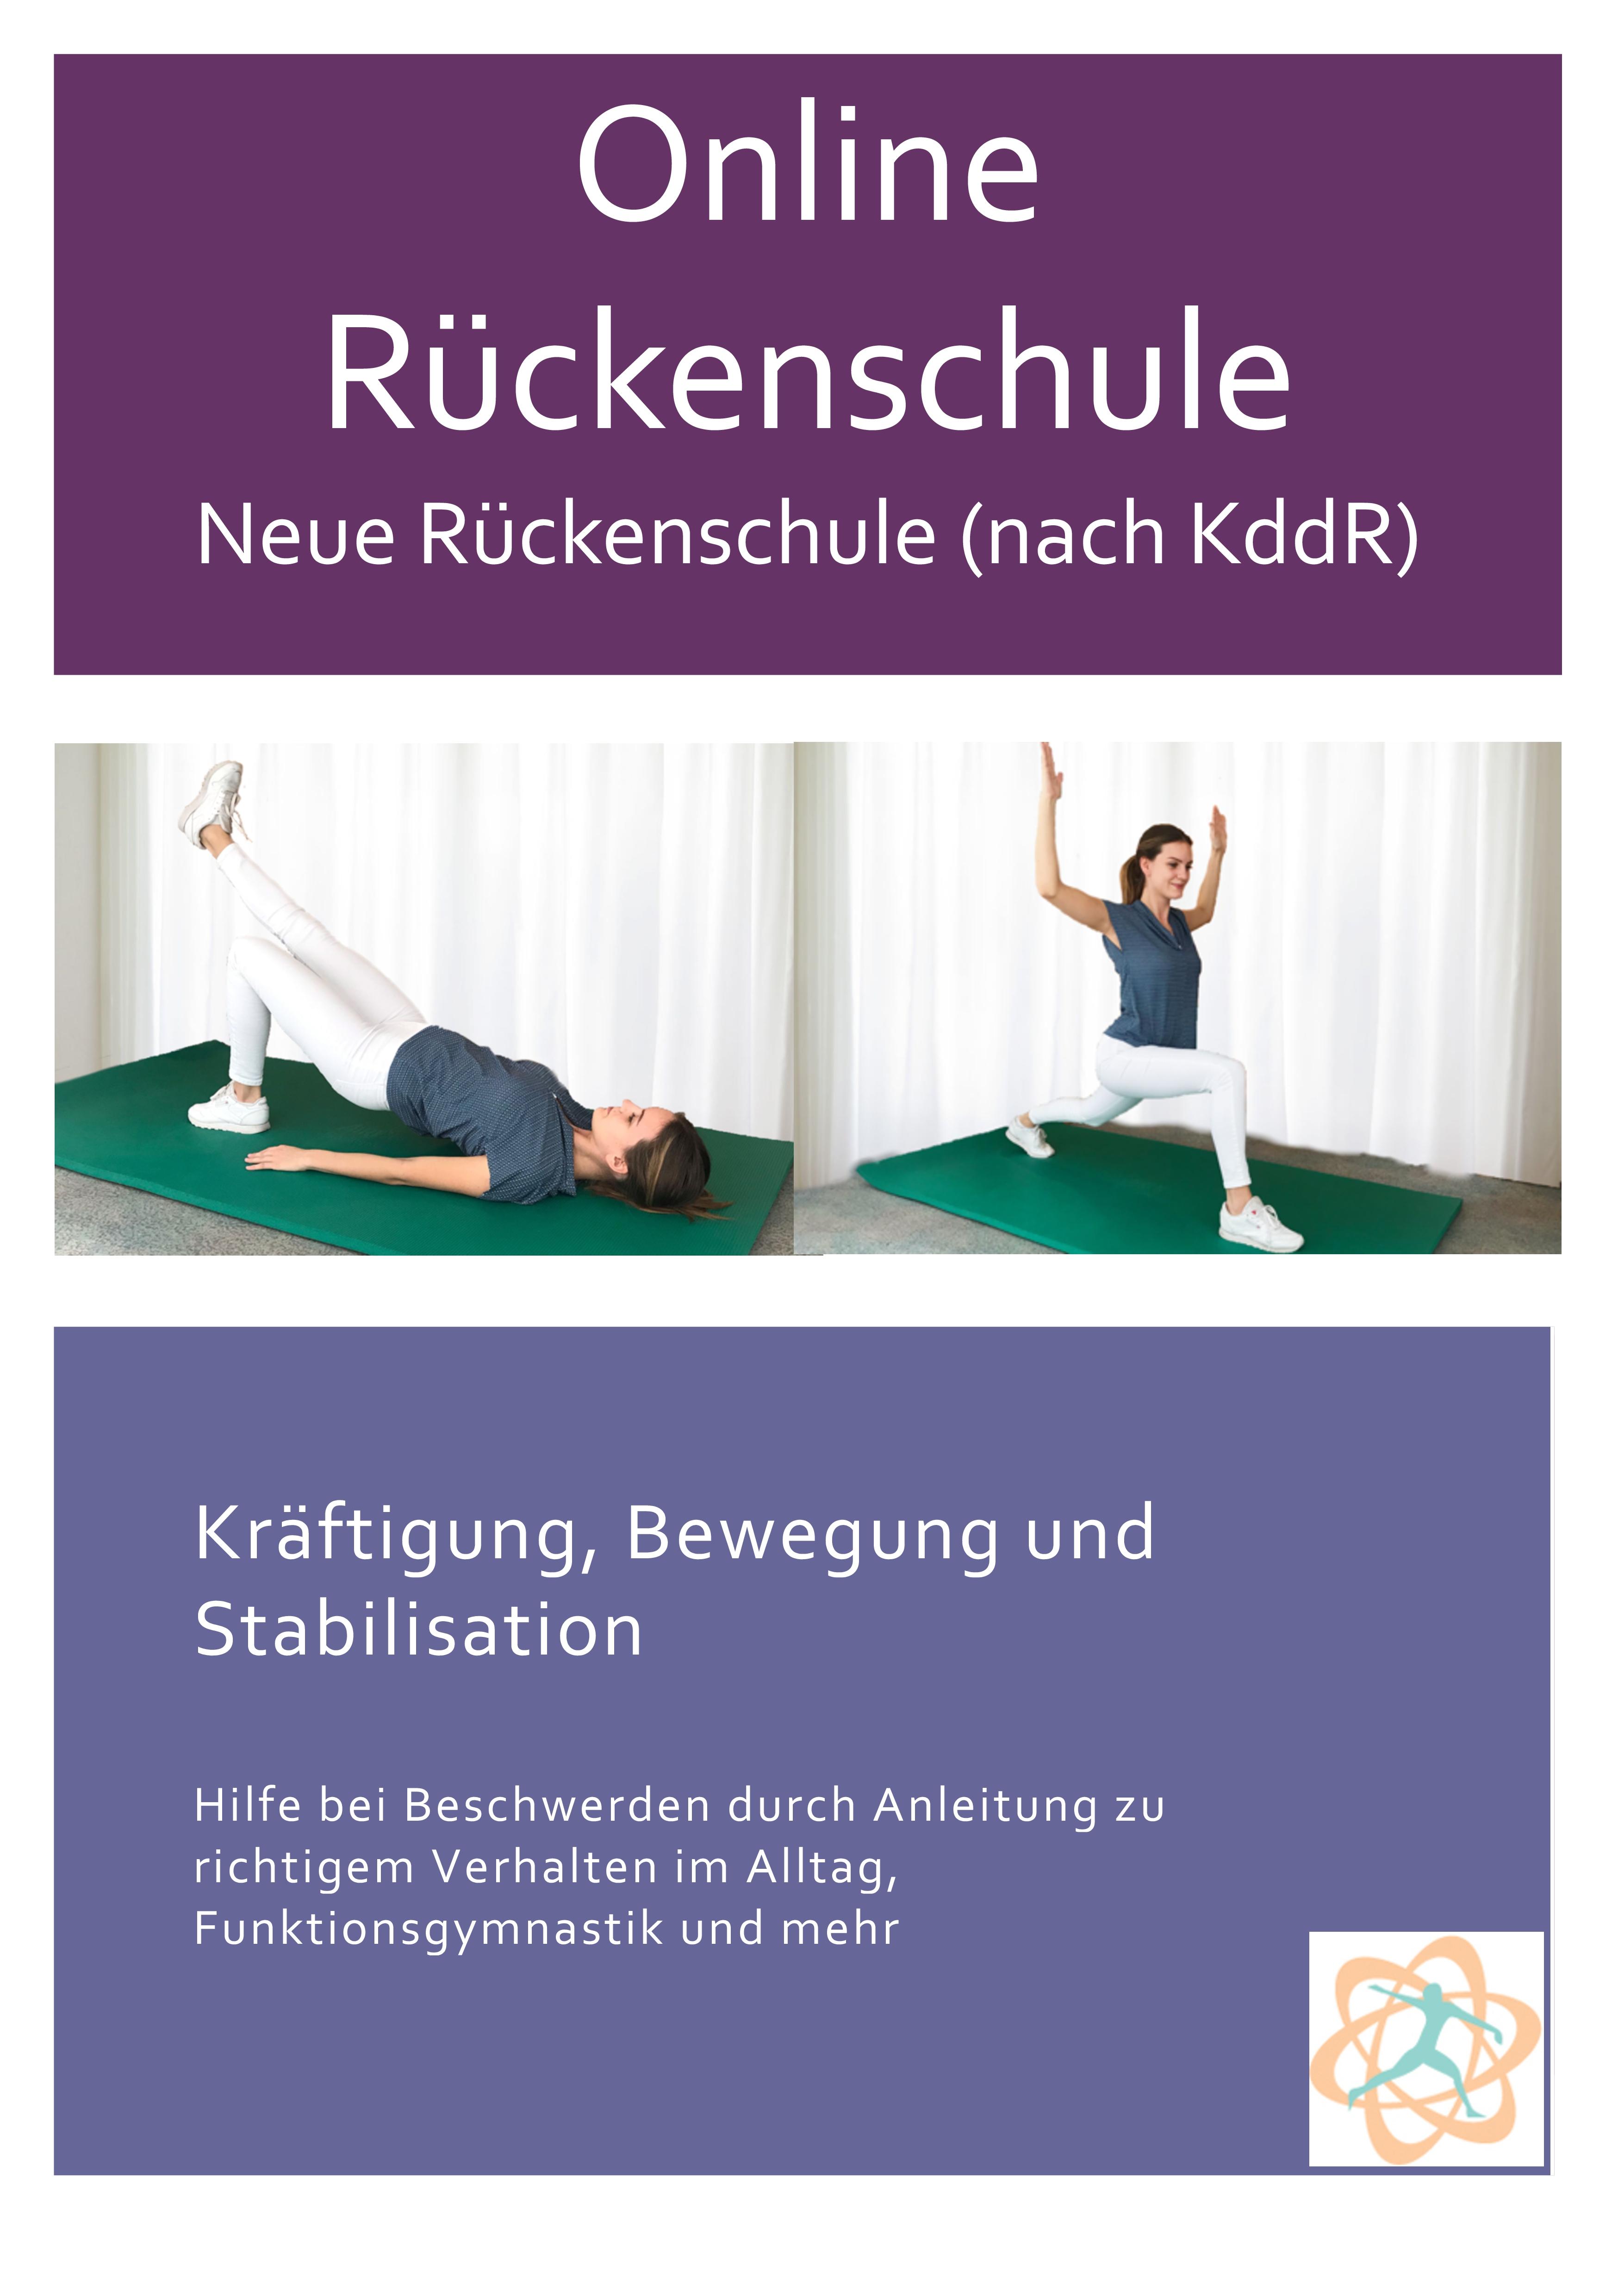 Das Konzept KddR-Neue Rückenschule hat drei übergeordnete Zielsetzungen: 1) Die Vermittlung von Wissen über Hintergründe und den Umgang mit Rückenschmerz, sowie den Aufbau individueller Verhaltens- und Handlungskompetenzen in Rückenschmerzepisoden. 2) Die Hinführung zu mehr eigenständig durchgeführter körperlicher und gesundheitssportlicher Aktivität und die Anbahnung einer überdauernden Bindung an diese. 3) Die Verbesserung der gesundheitsbezogenen Fitness bzw. die Vermeidung/Reduktion einer Dekonditionierung.  Der Kurs ist modular aufgebaut, d.h. in jeder Kurseinheit finden sich die Interventionsformen der Informationsvermittlung sowie körperliche Aktivität und körperliches Training, als auch Modulinhalte zum sozial-emotionalen Erfahren und Erlernen wie z.B. das Thema Entspannung im Handlungsfeld Rückengesundheit.  Kursnummer (beim Anbieter):1   Handlungsfeld(er): Bewegung  Präventionsprinzipien: Vorbeugung und Reduzierung spezieller gesundheitlicher Risiken durch geeignete verhaltens- und gesundheitsorientierte Bewegungsprogramme  Zielgruppe: nicht geschlechtsspezifisch Zielgruppe: Altersgruppe 18 bis 49 Jahre 50 bis 69 Jahre ab 70 Jahren  Beschreibung der Zielgruppe: Gesunde Versicherte mit Bewegungsmangel, Bewegungseinsteiger und -Wiedereinsteiger, mit speziellen Risiken im Muskel-Skelettsystem (z.B. Überwiegend sitzende, stehende oder kniende [Gärtner] Tätigkeit) jeweils ohne Behandlungsbedürftige Erkrankungen.   Ziele der Maßnahme Ziele der Maßnahme zur Erzielung von Gesundheits-, Verhaltens- und Verhältniswirkungen und der zu erlangenden Handlungskompetenz und Eigenverantwortung: sind sieben Kernziele anzusteuern   1  Stärkung physischer Gesundheitsressourcen (insbesondere die Faktoren gesundheitsbezogene Fitness, Ausdauer, Kraft, Dehnfähigkeit, Koordinationsfähigkeit, Entspannungsfähigkeit)   2  Stärkung psychosozialer Gesundheitsressourcen (insbesondere Handlungs- und Effektwissen, Selbstwirksamkeit, Stimmung, Körperkonzept, soziale Kompetenz und Einbindun